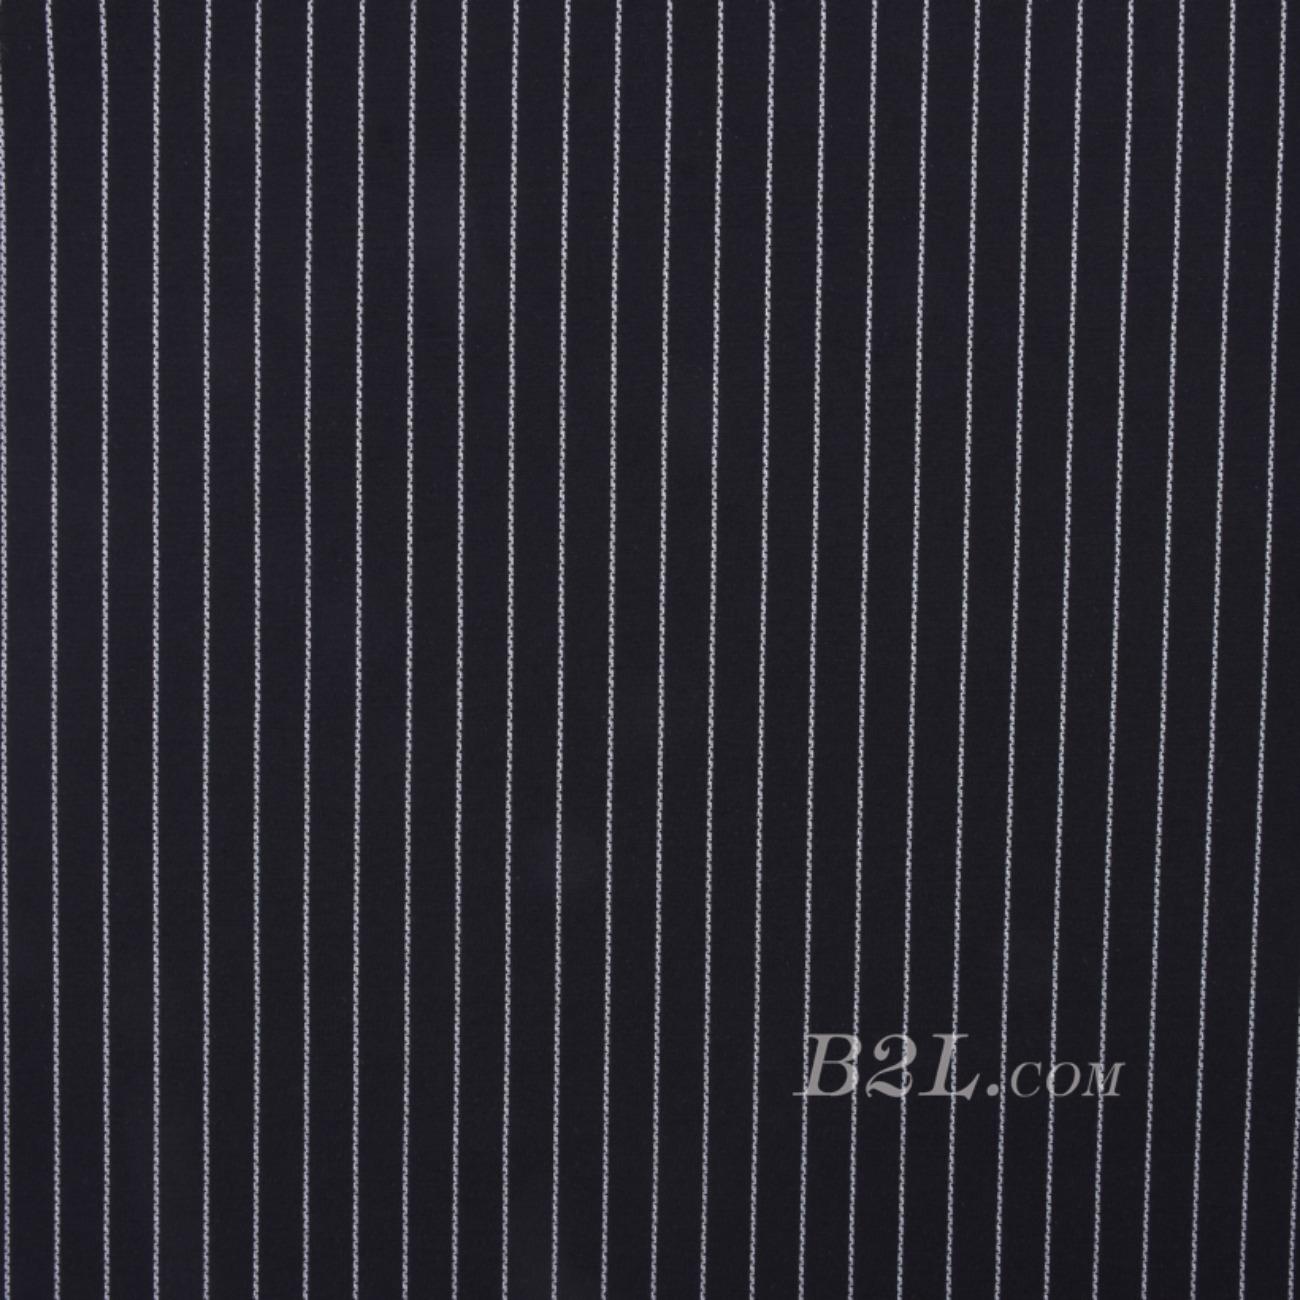 条子 横条 圆机 针织 纬编 棉感 弹力  T恤 针织衫 连衣裙 男装 女装 80131-28